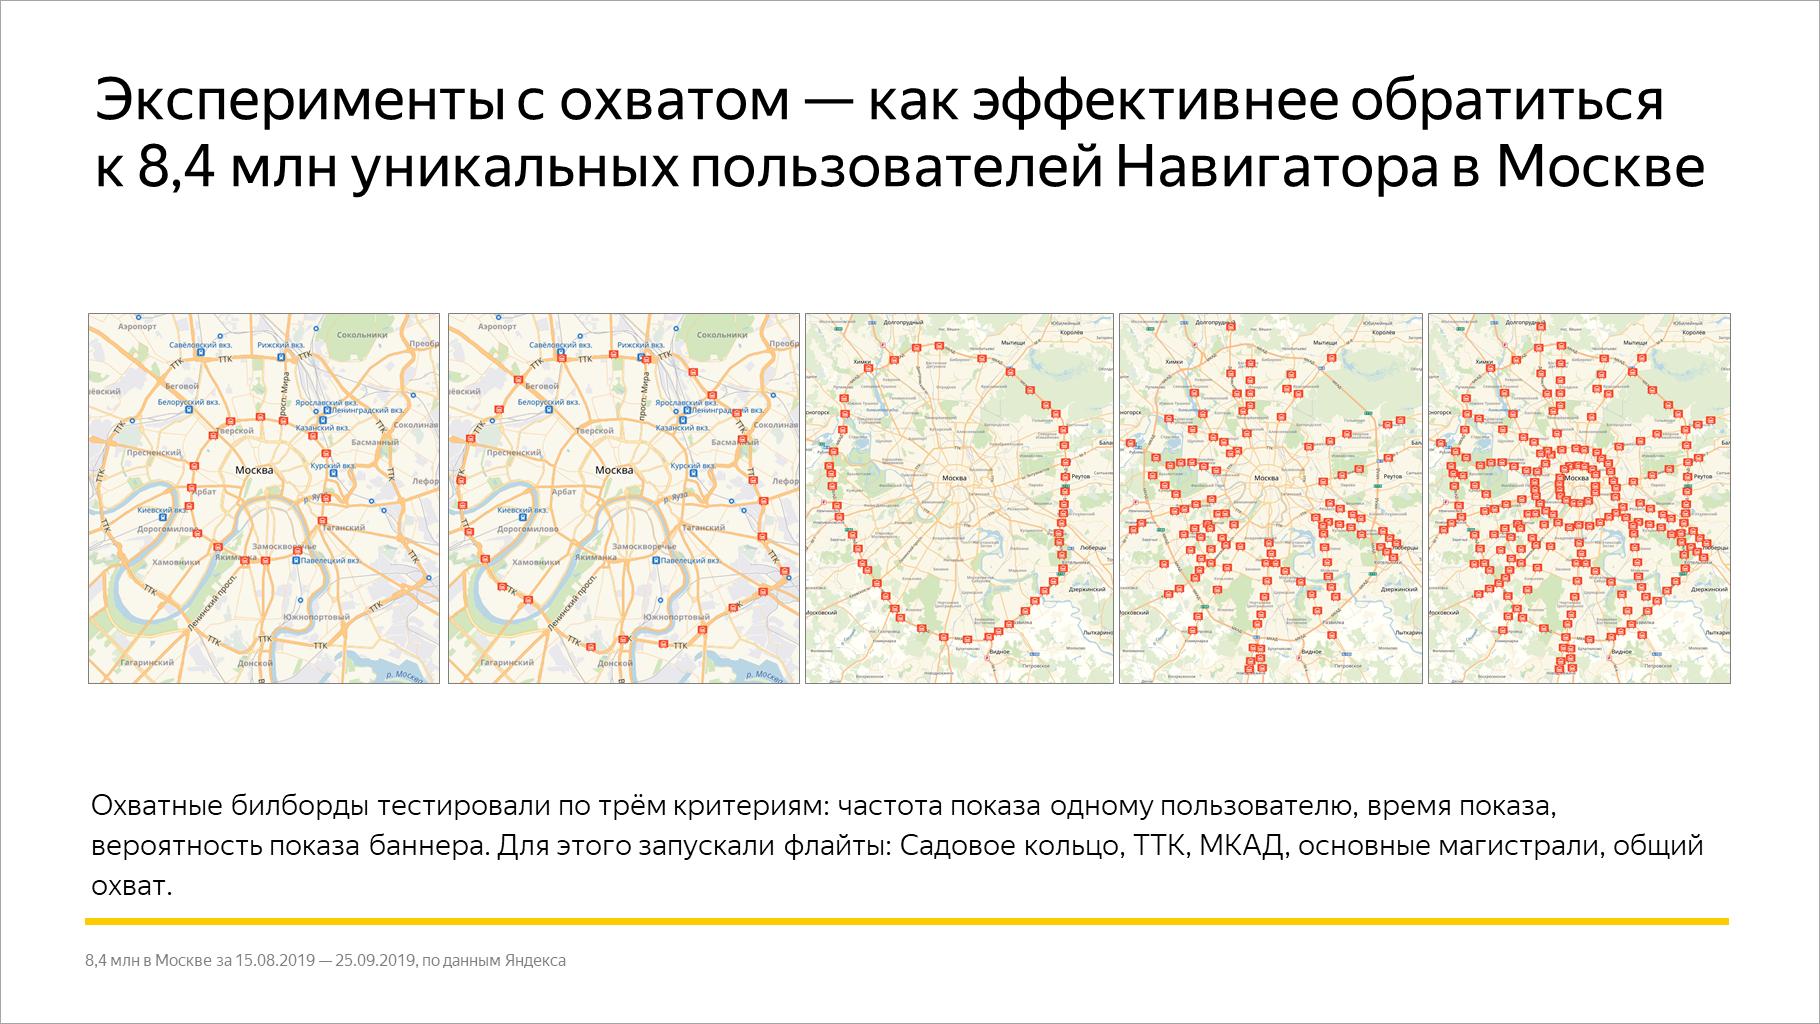 Эксперименты с охватом — как эффективней обратиться к 8,4 млн уникальных пользователей Навигатора в Москве